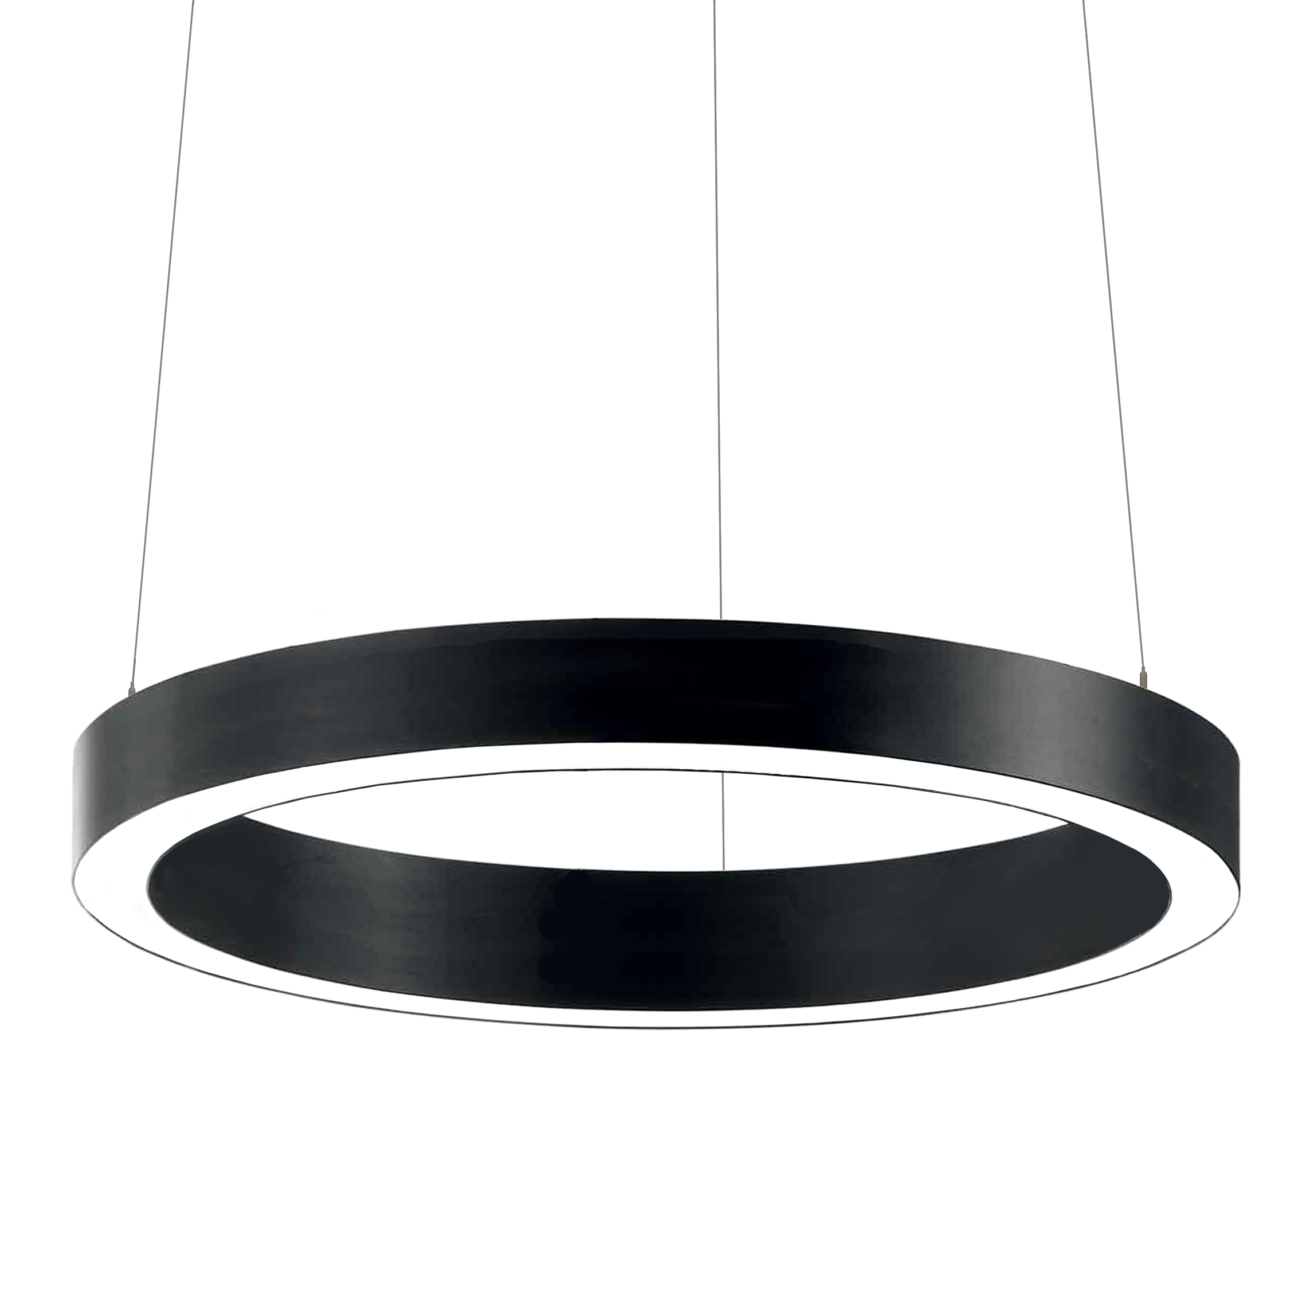 Светильник Ring 5060-1050мм. 4000К/3000К. 49W/103W купить в Казани